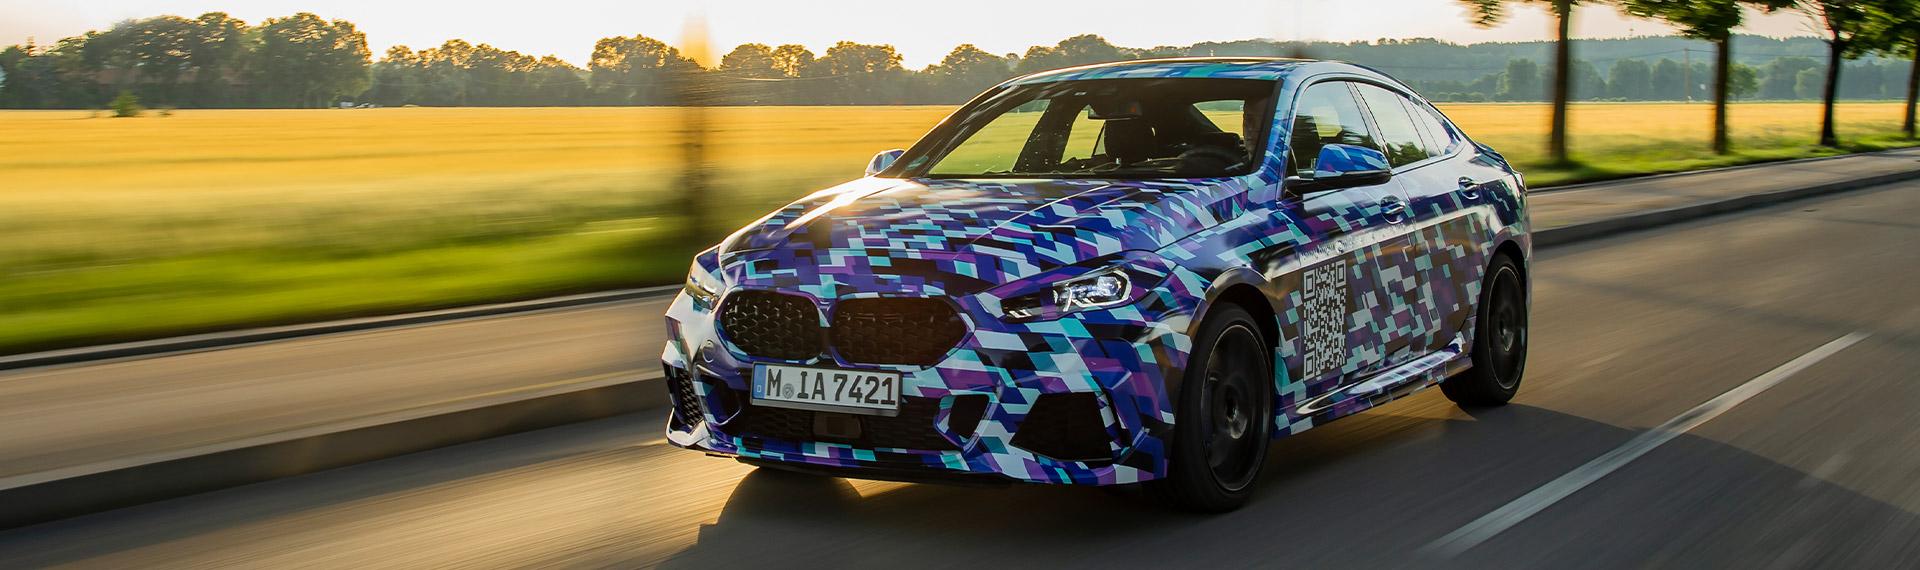 New BMW 2 Series Gran Coupé.